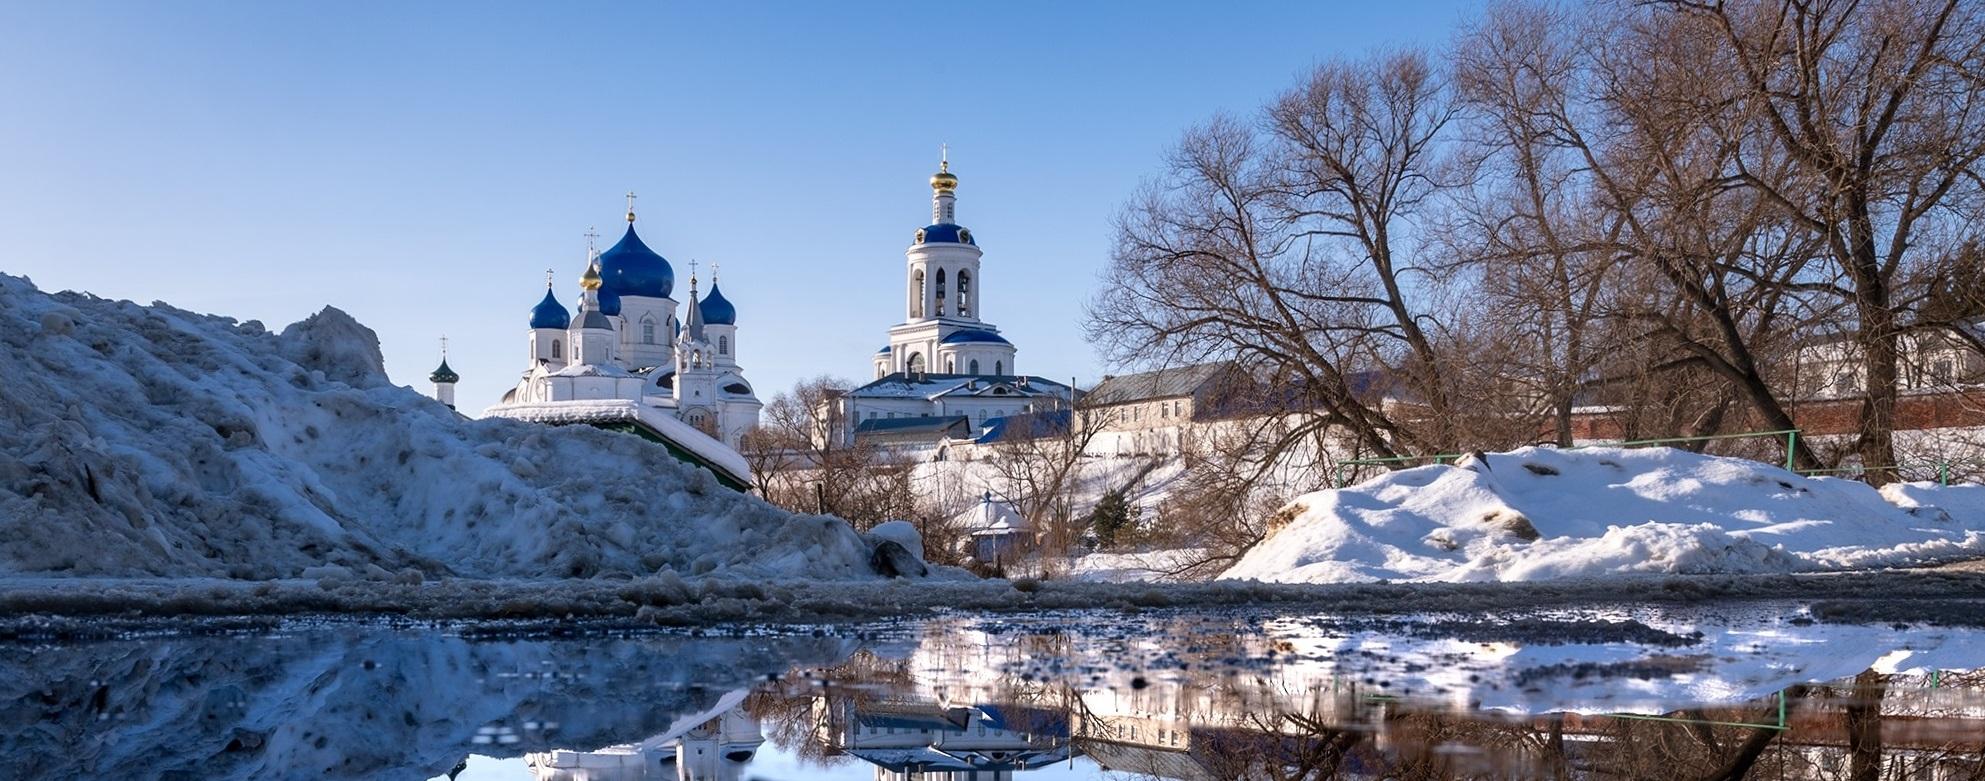 Грузоперевозки из Москвы во Владимирскую область